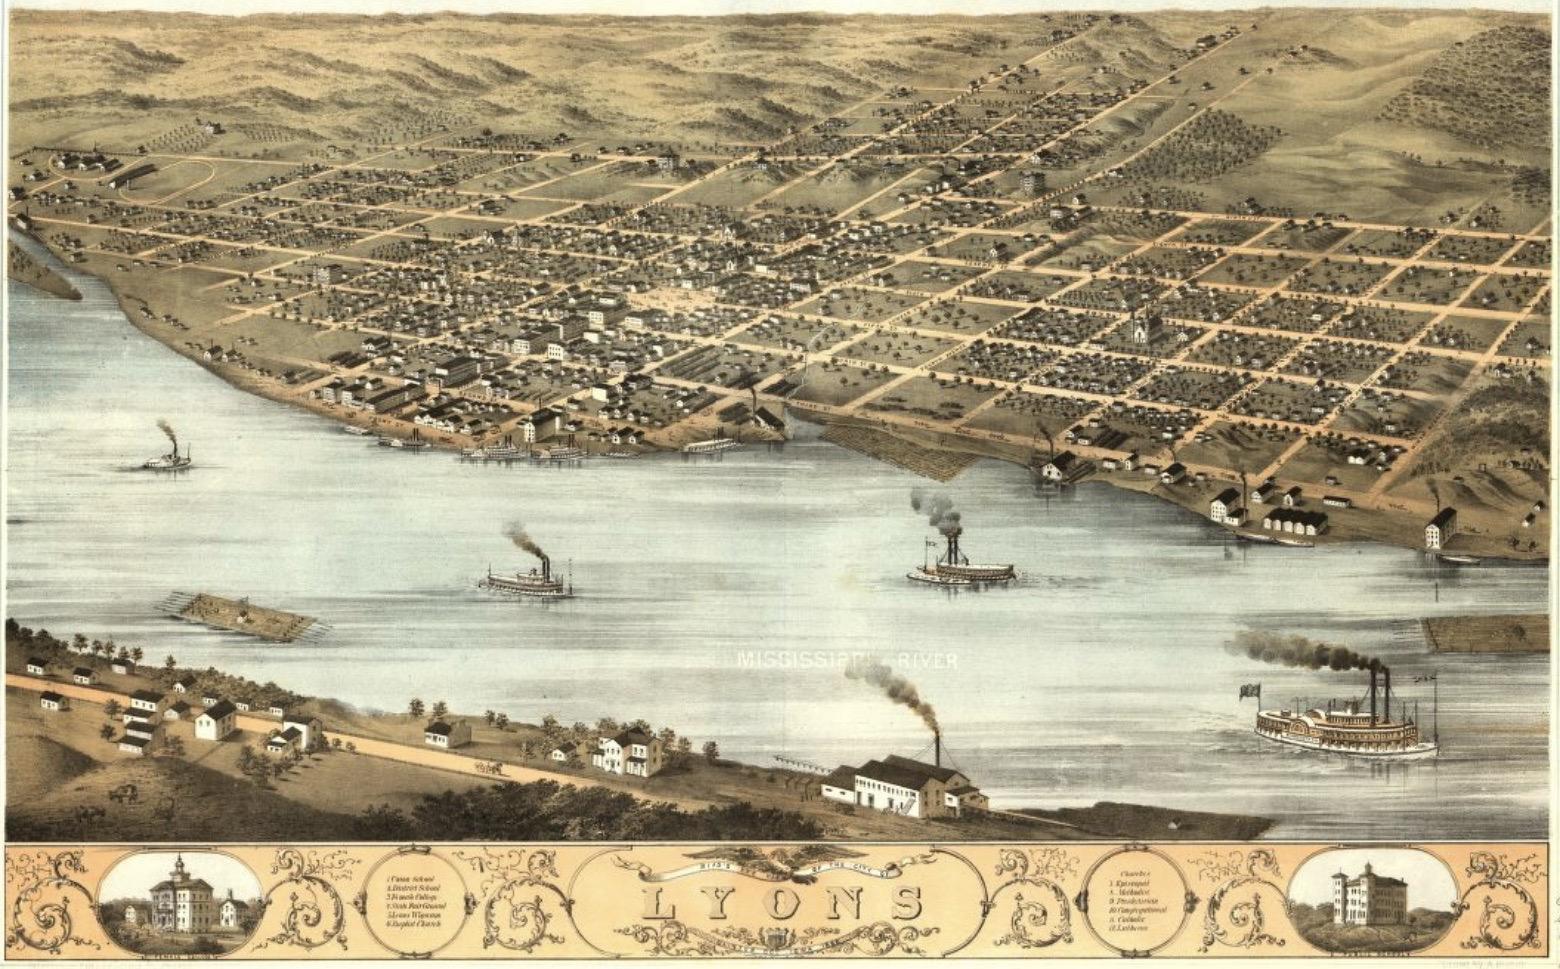 Lyons1868